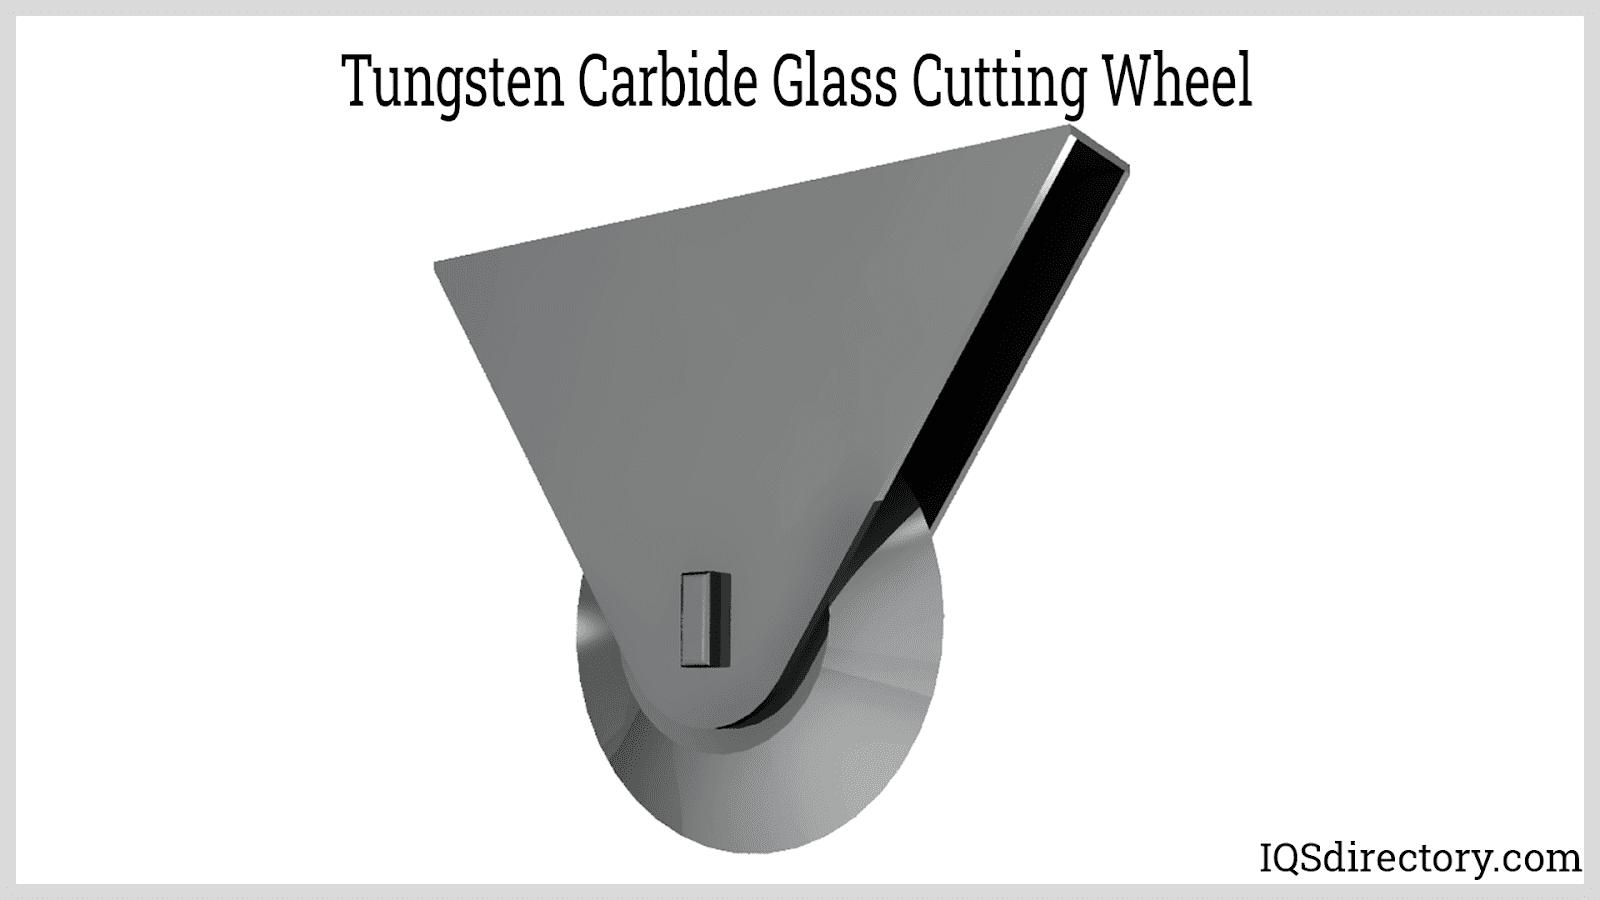 Tungsten Carbide Glass Cutting Wheel